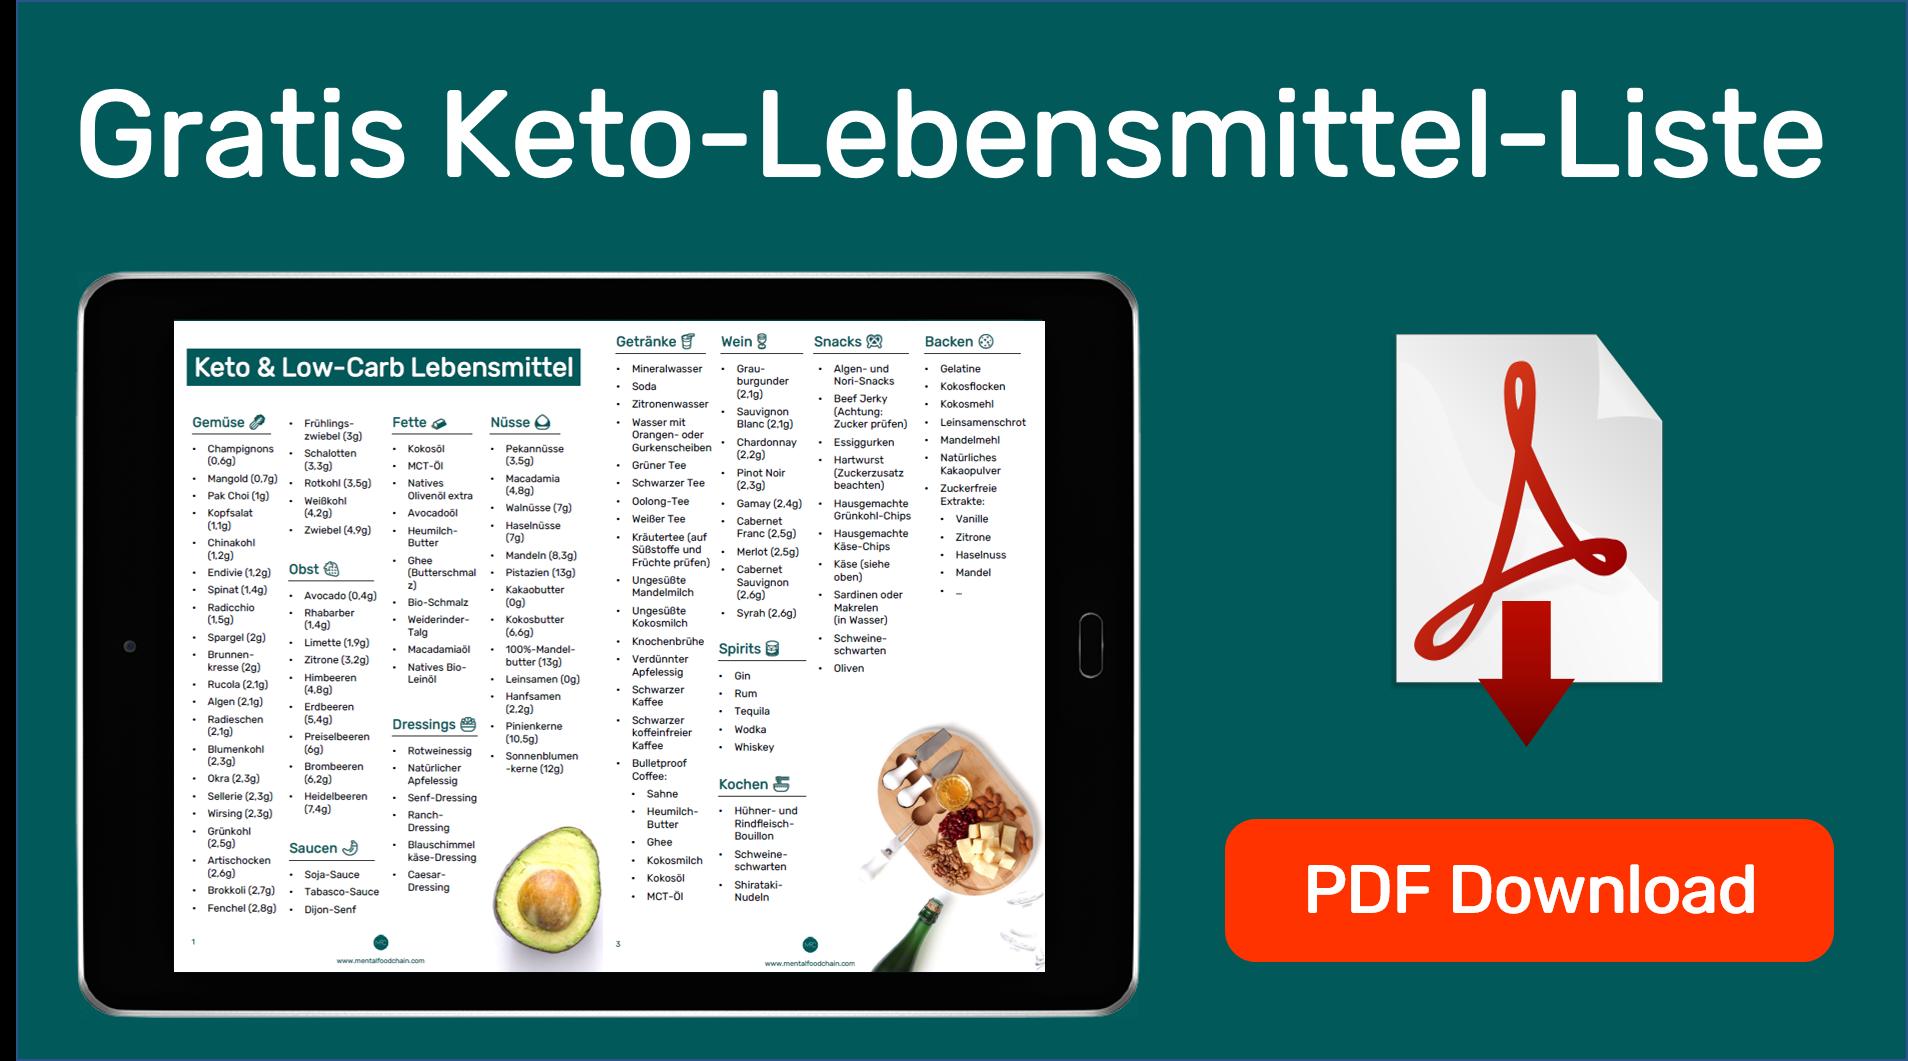 Keto Lebensmittel Liste verhinder Stillstand und Keto Plateau